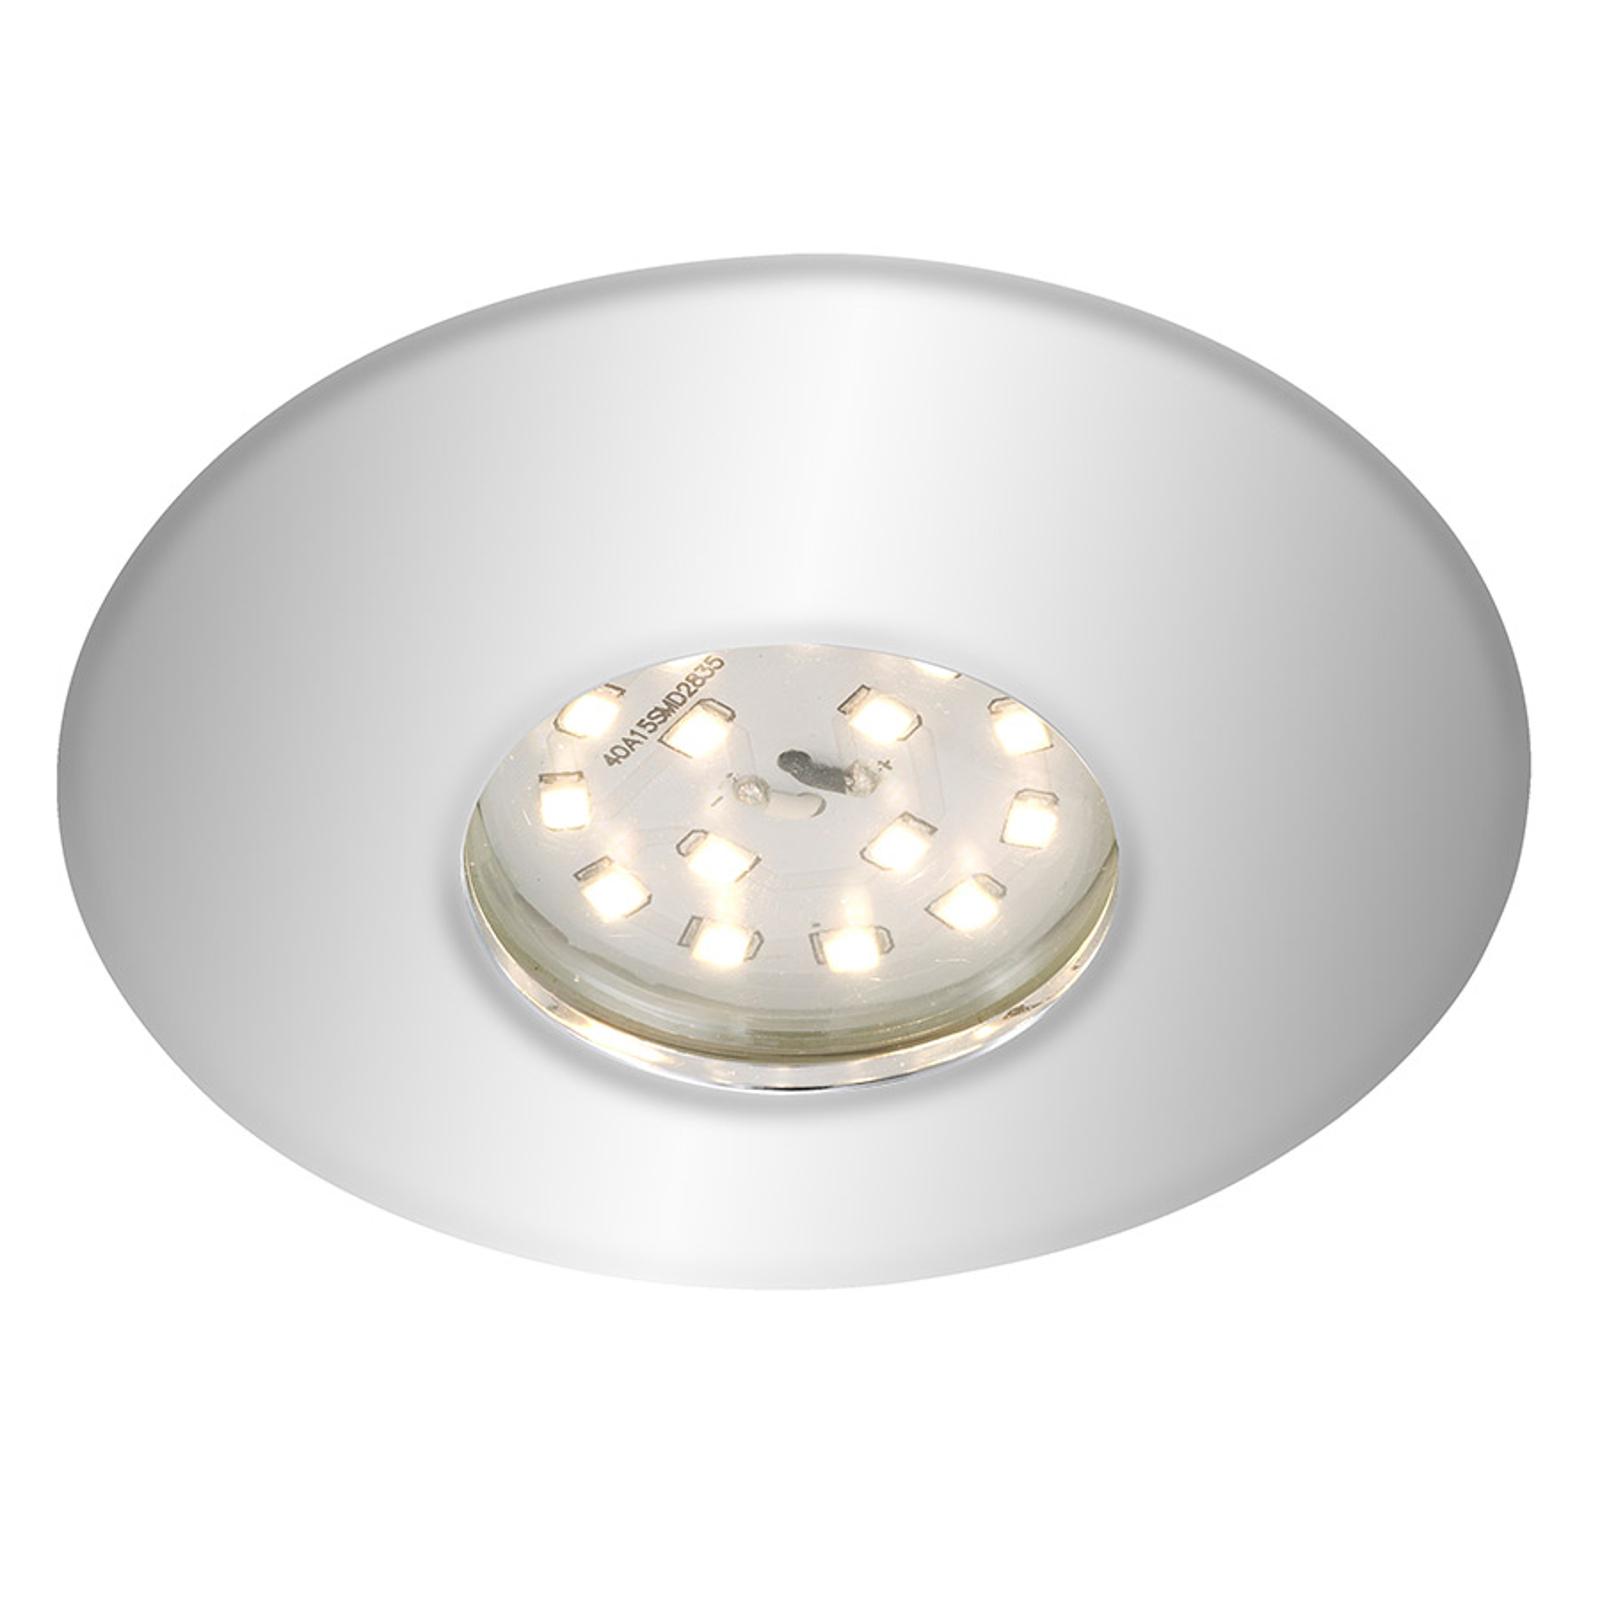 Chromowany reflektor wpuszczany LED Shower, IP65